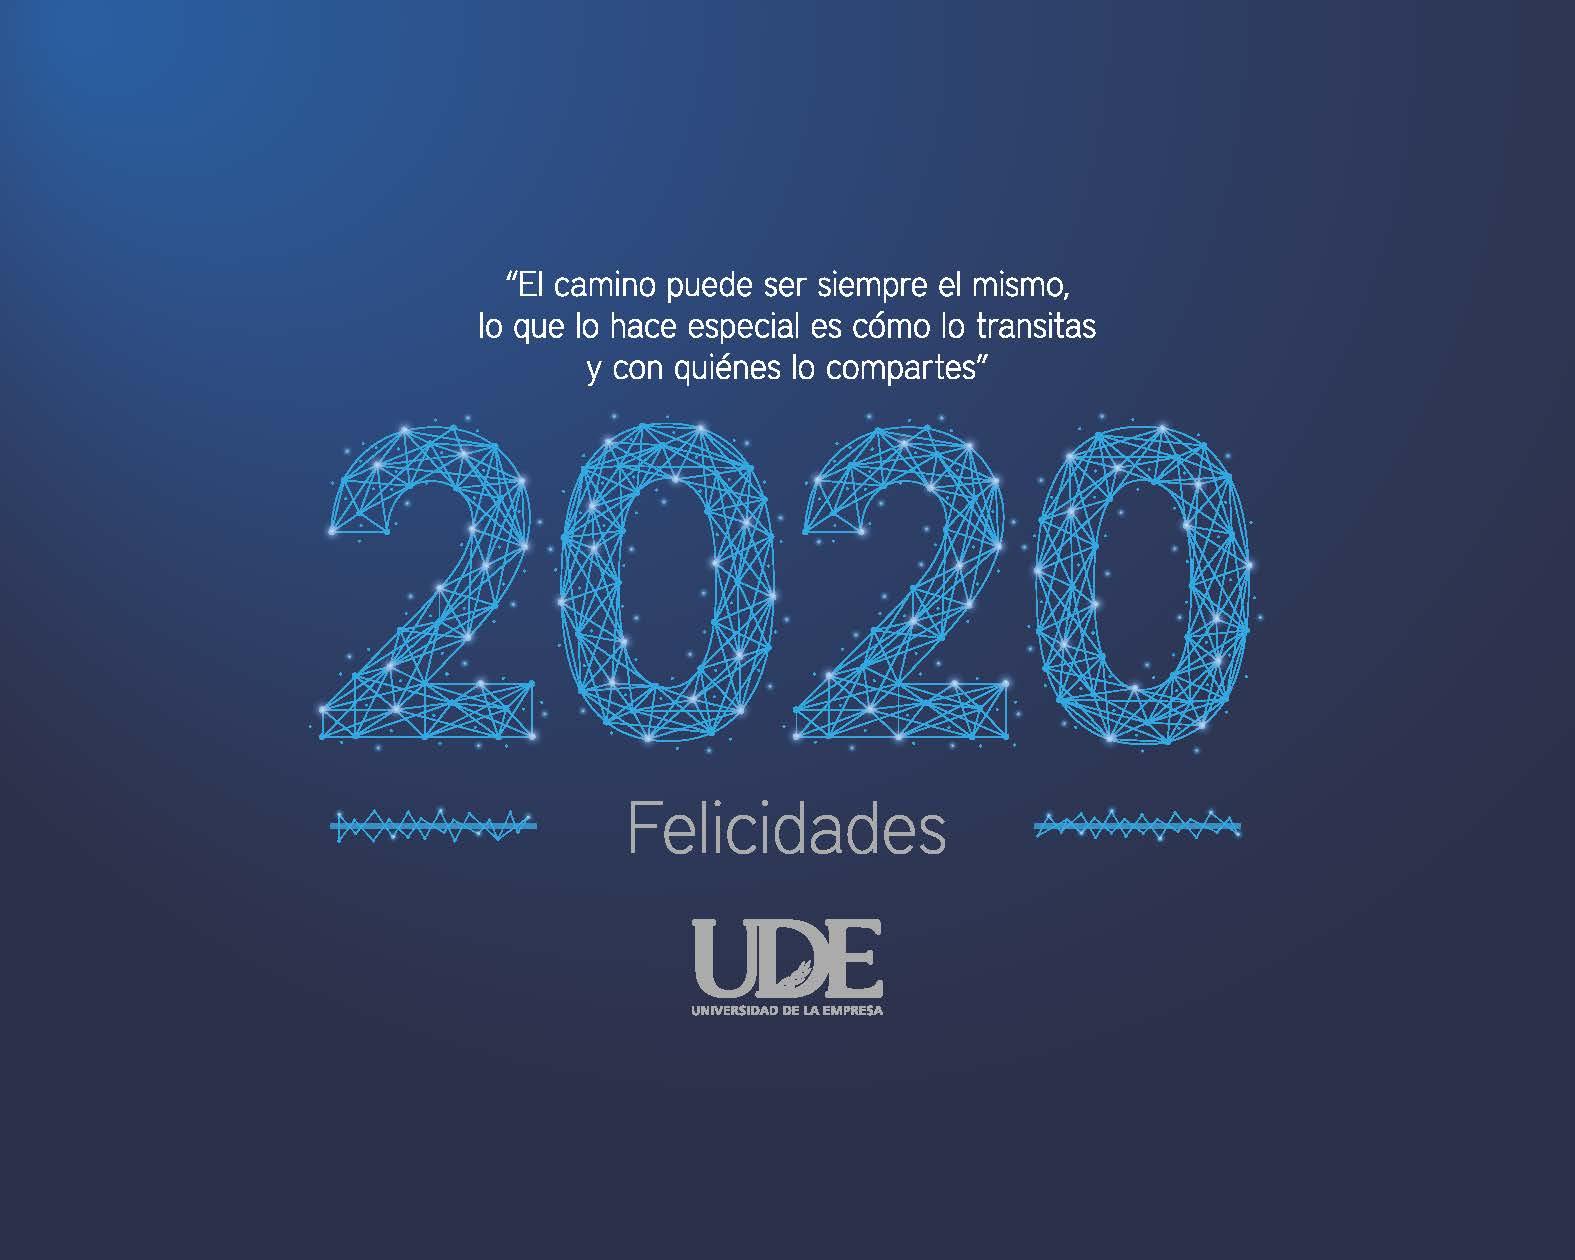 Por un nuevo año de crecimiento y logros importantes <br>UDE 2020